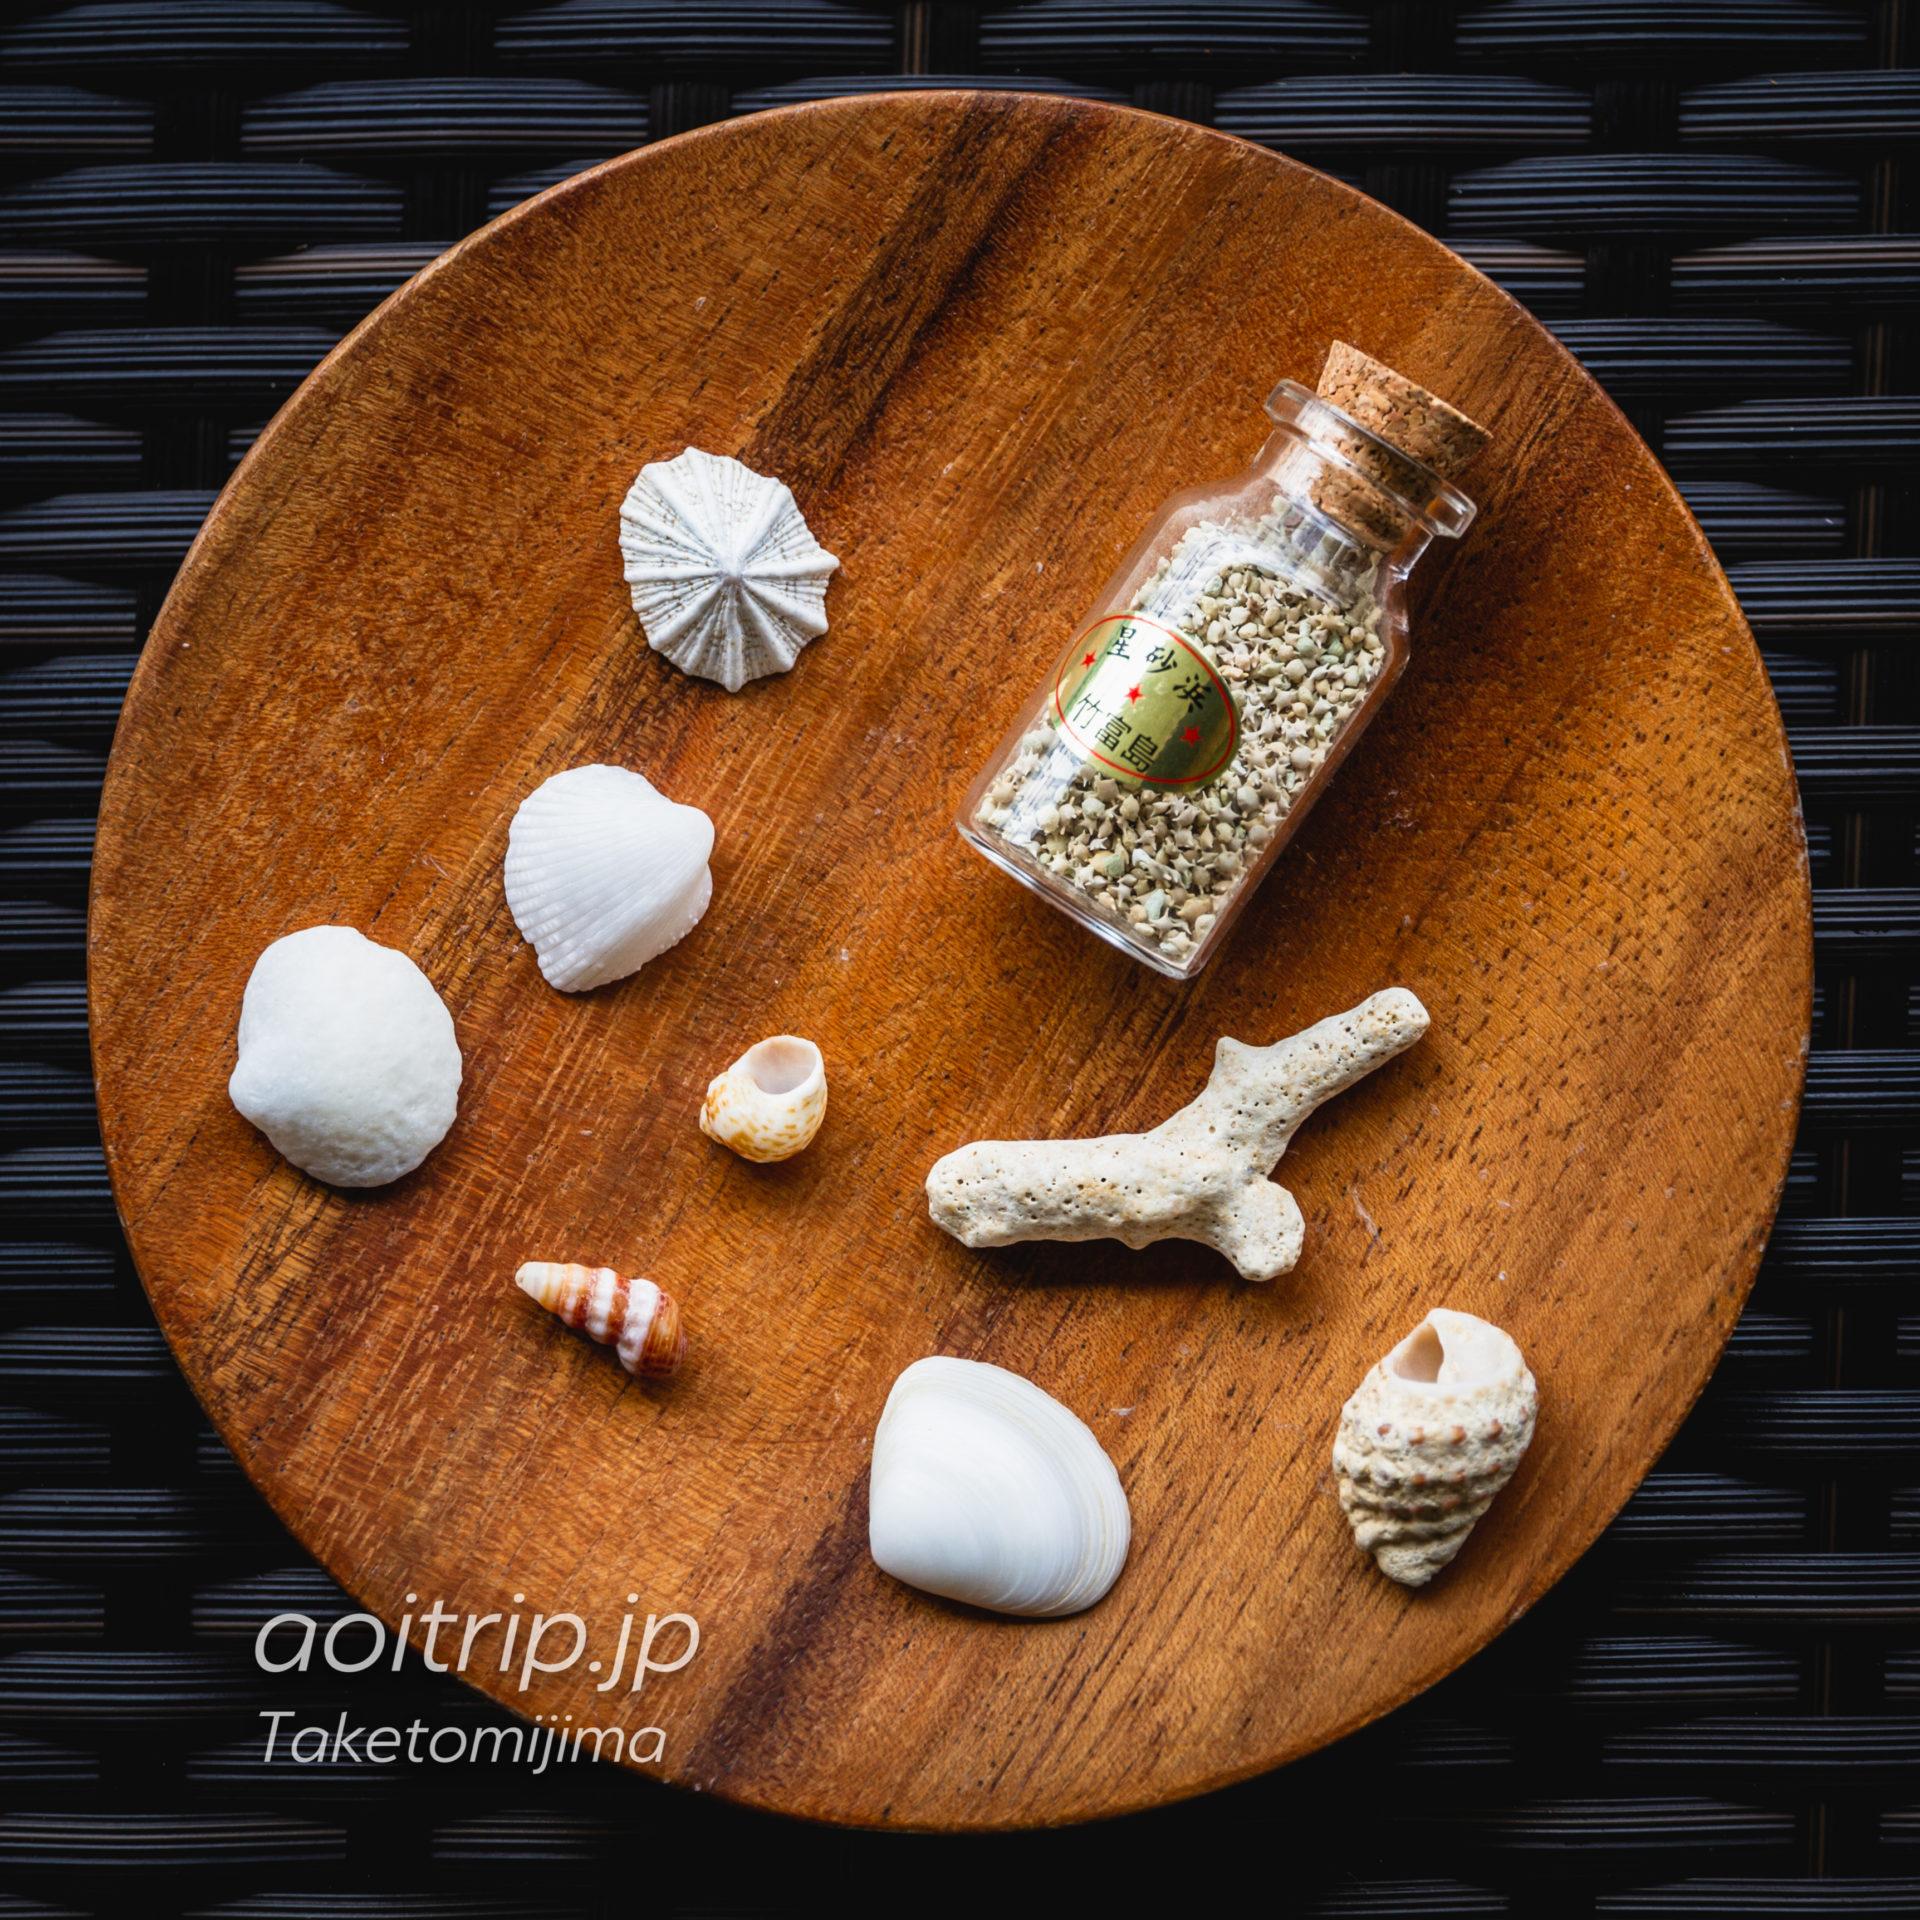 竹富島の星砂と貝殻